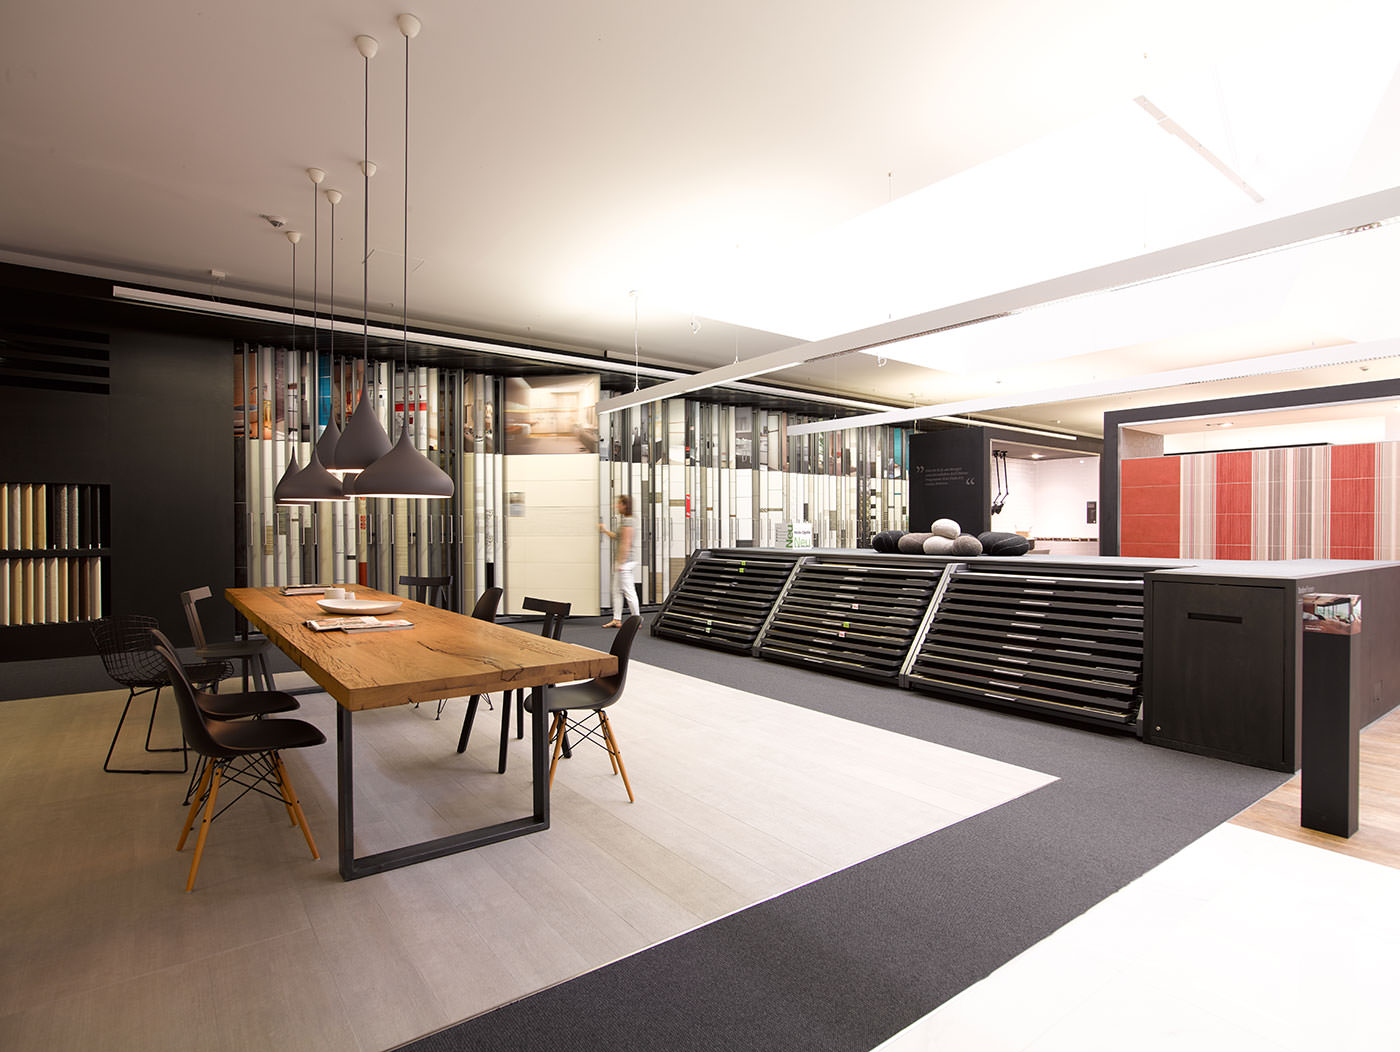 kemmler fliesenausstellung und fliesenmarkt b blingen schmutz partner freie architekten. Black Bedroom Furniture Sets. Home Design Ideas